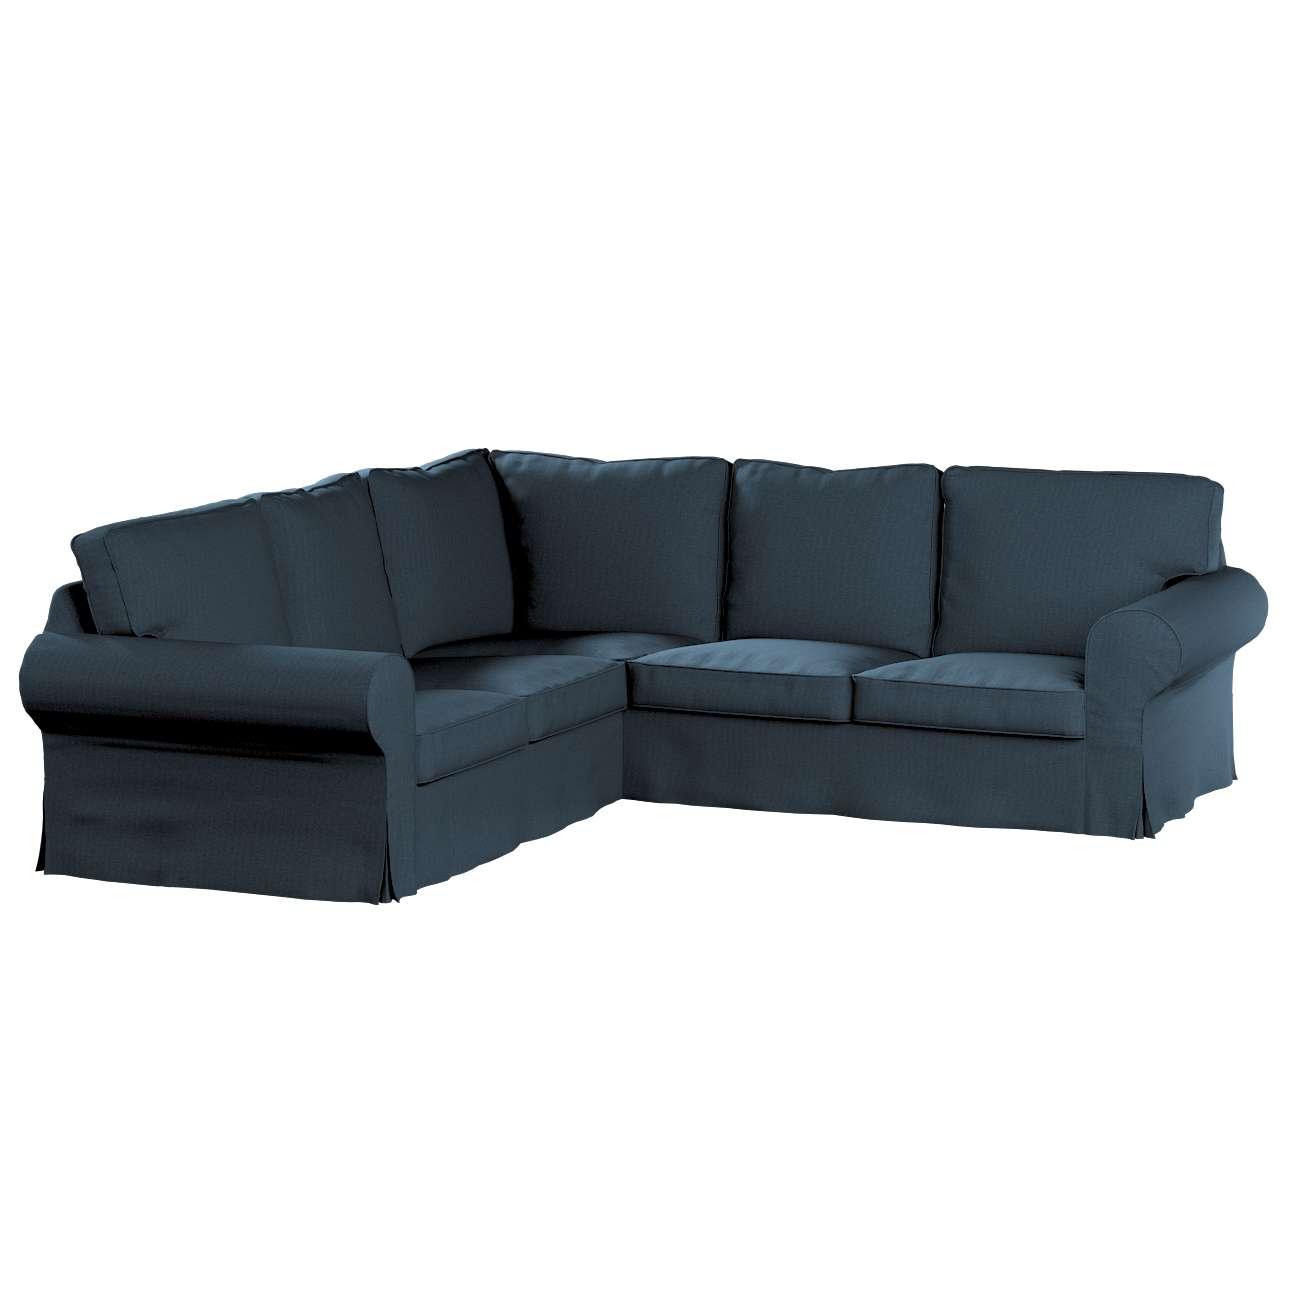 Pokrowiec Ektorp na sofę narożną w kolekcji Etna, tkanina: 705-30